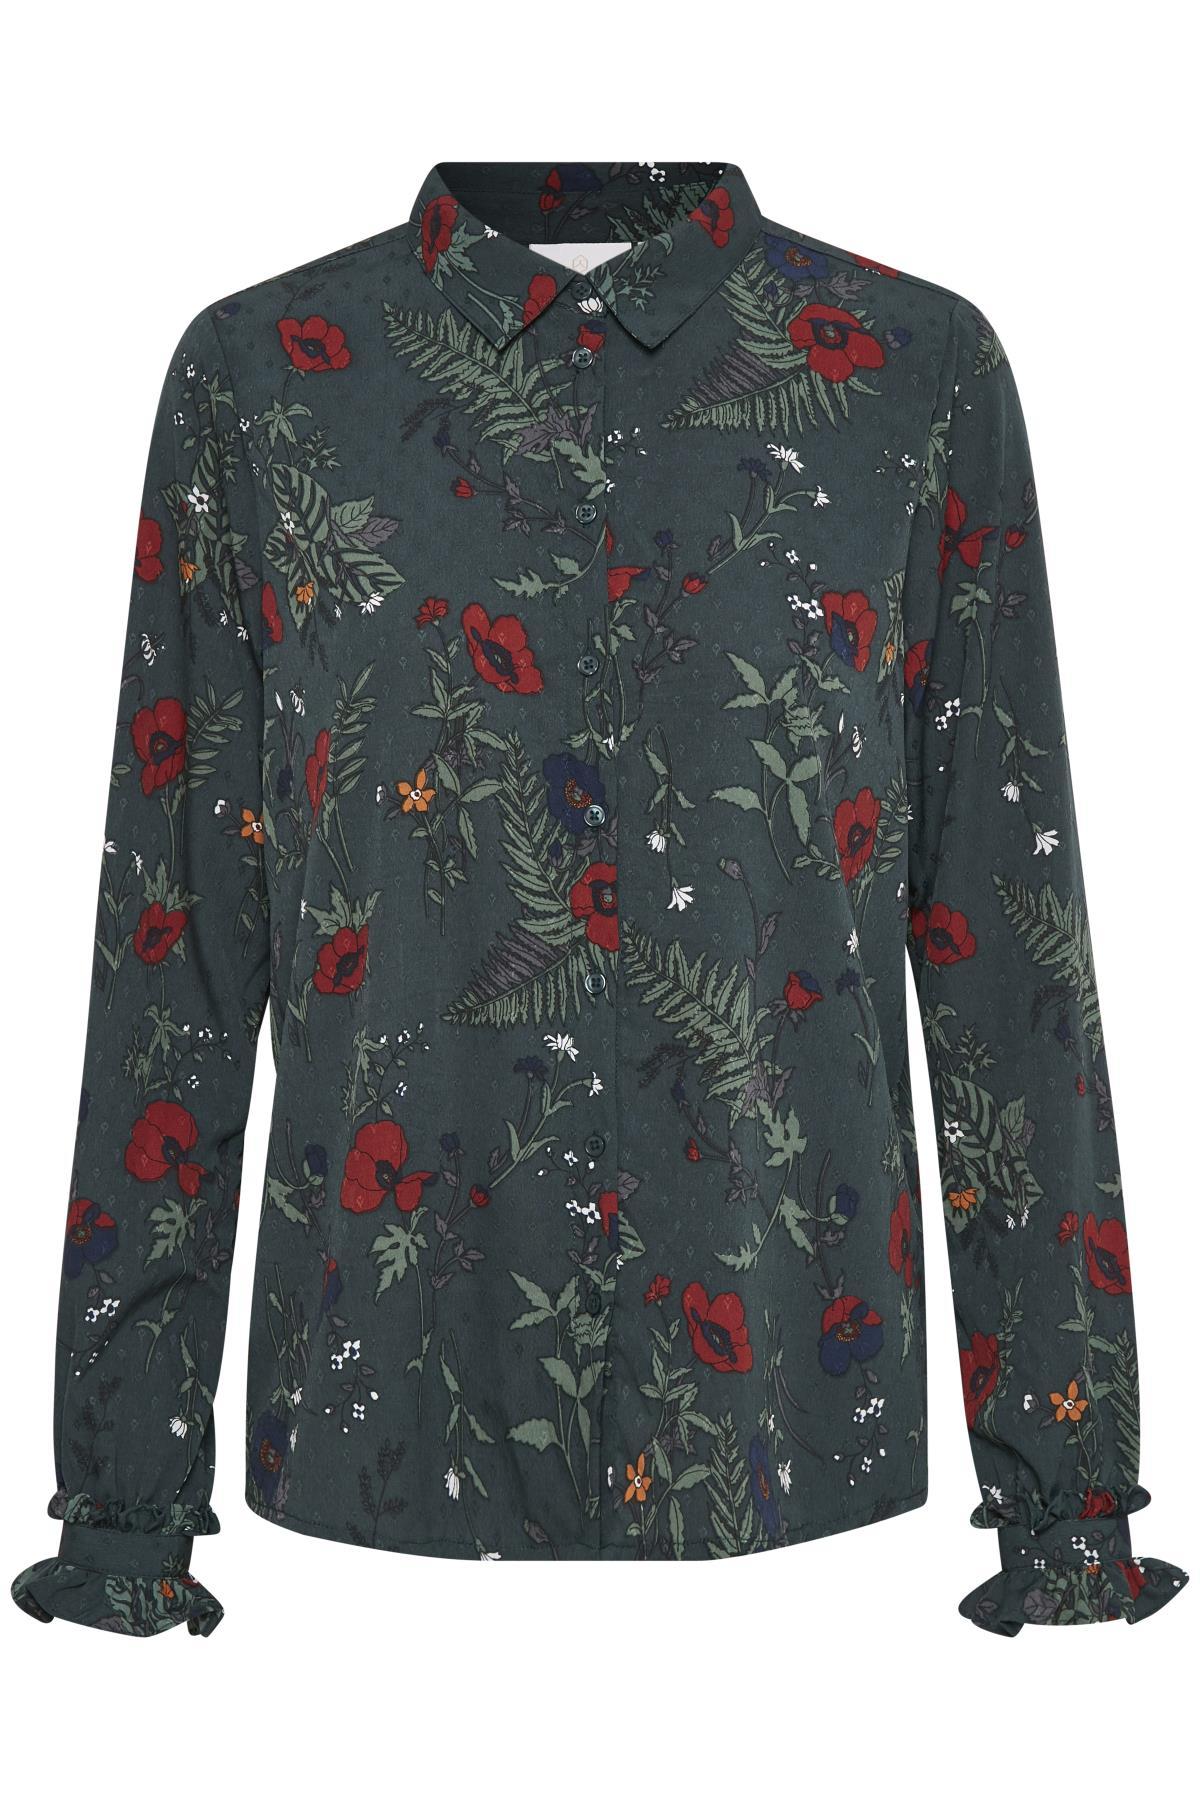 Green Spruce Langærmet skjorte fra Kaffe – Køb Green Spruce Langærmet skjorte fra str. 34-46 her